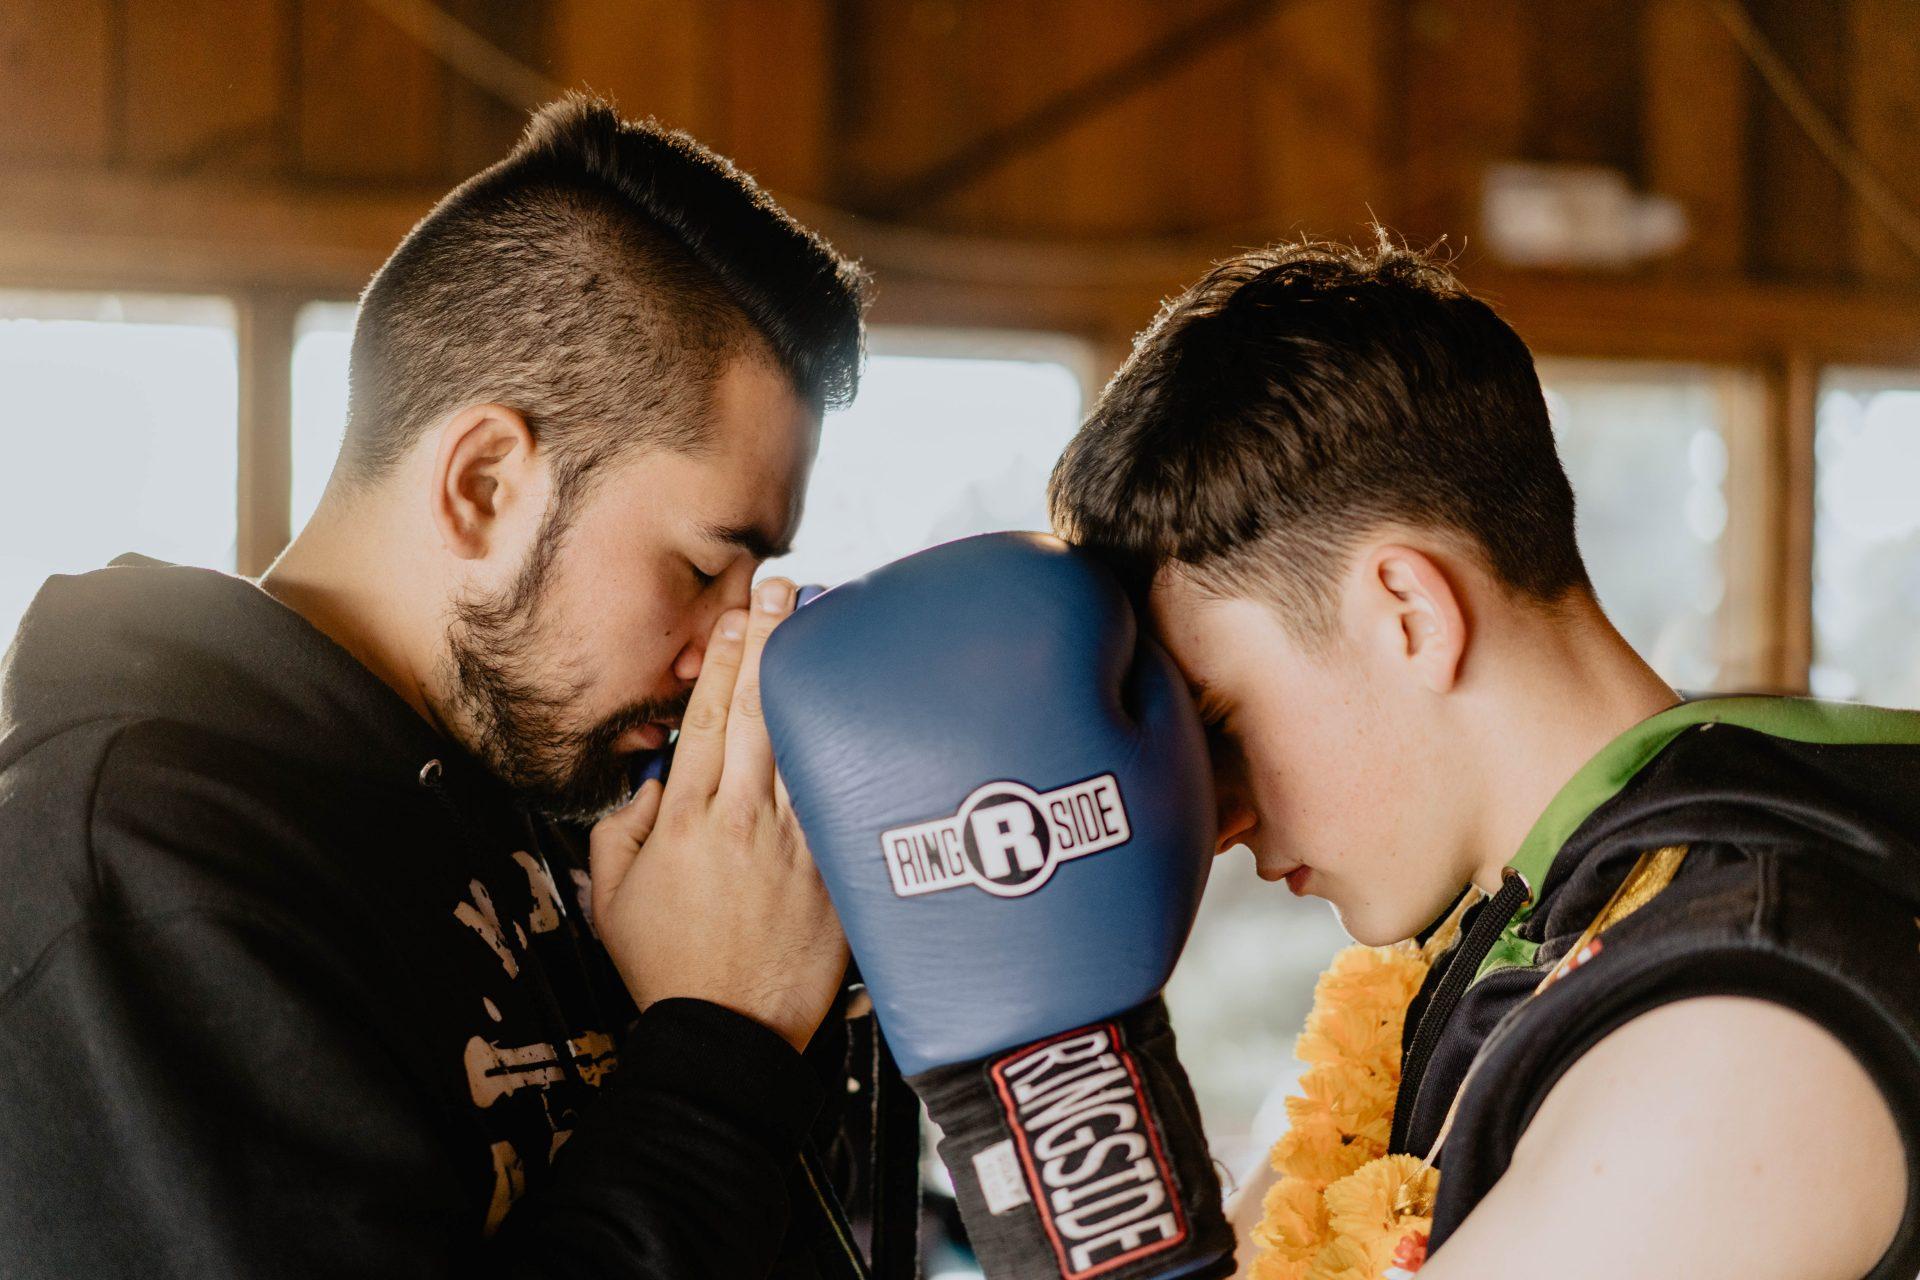 Muay Thai Tournament Event at The Atrium